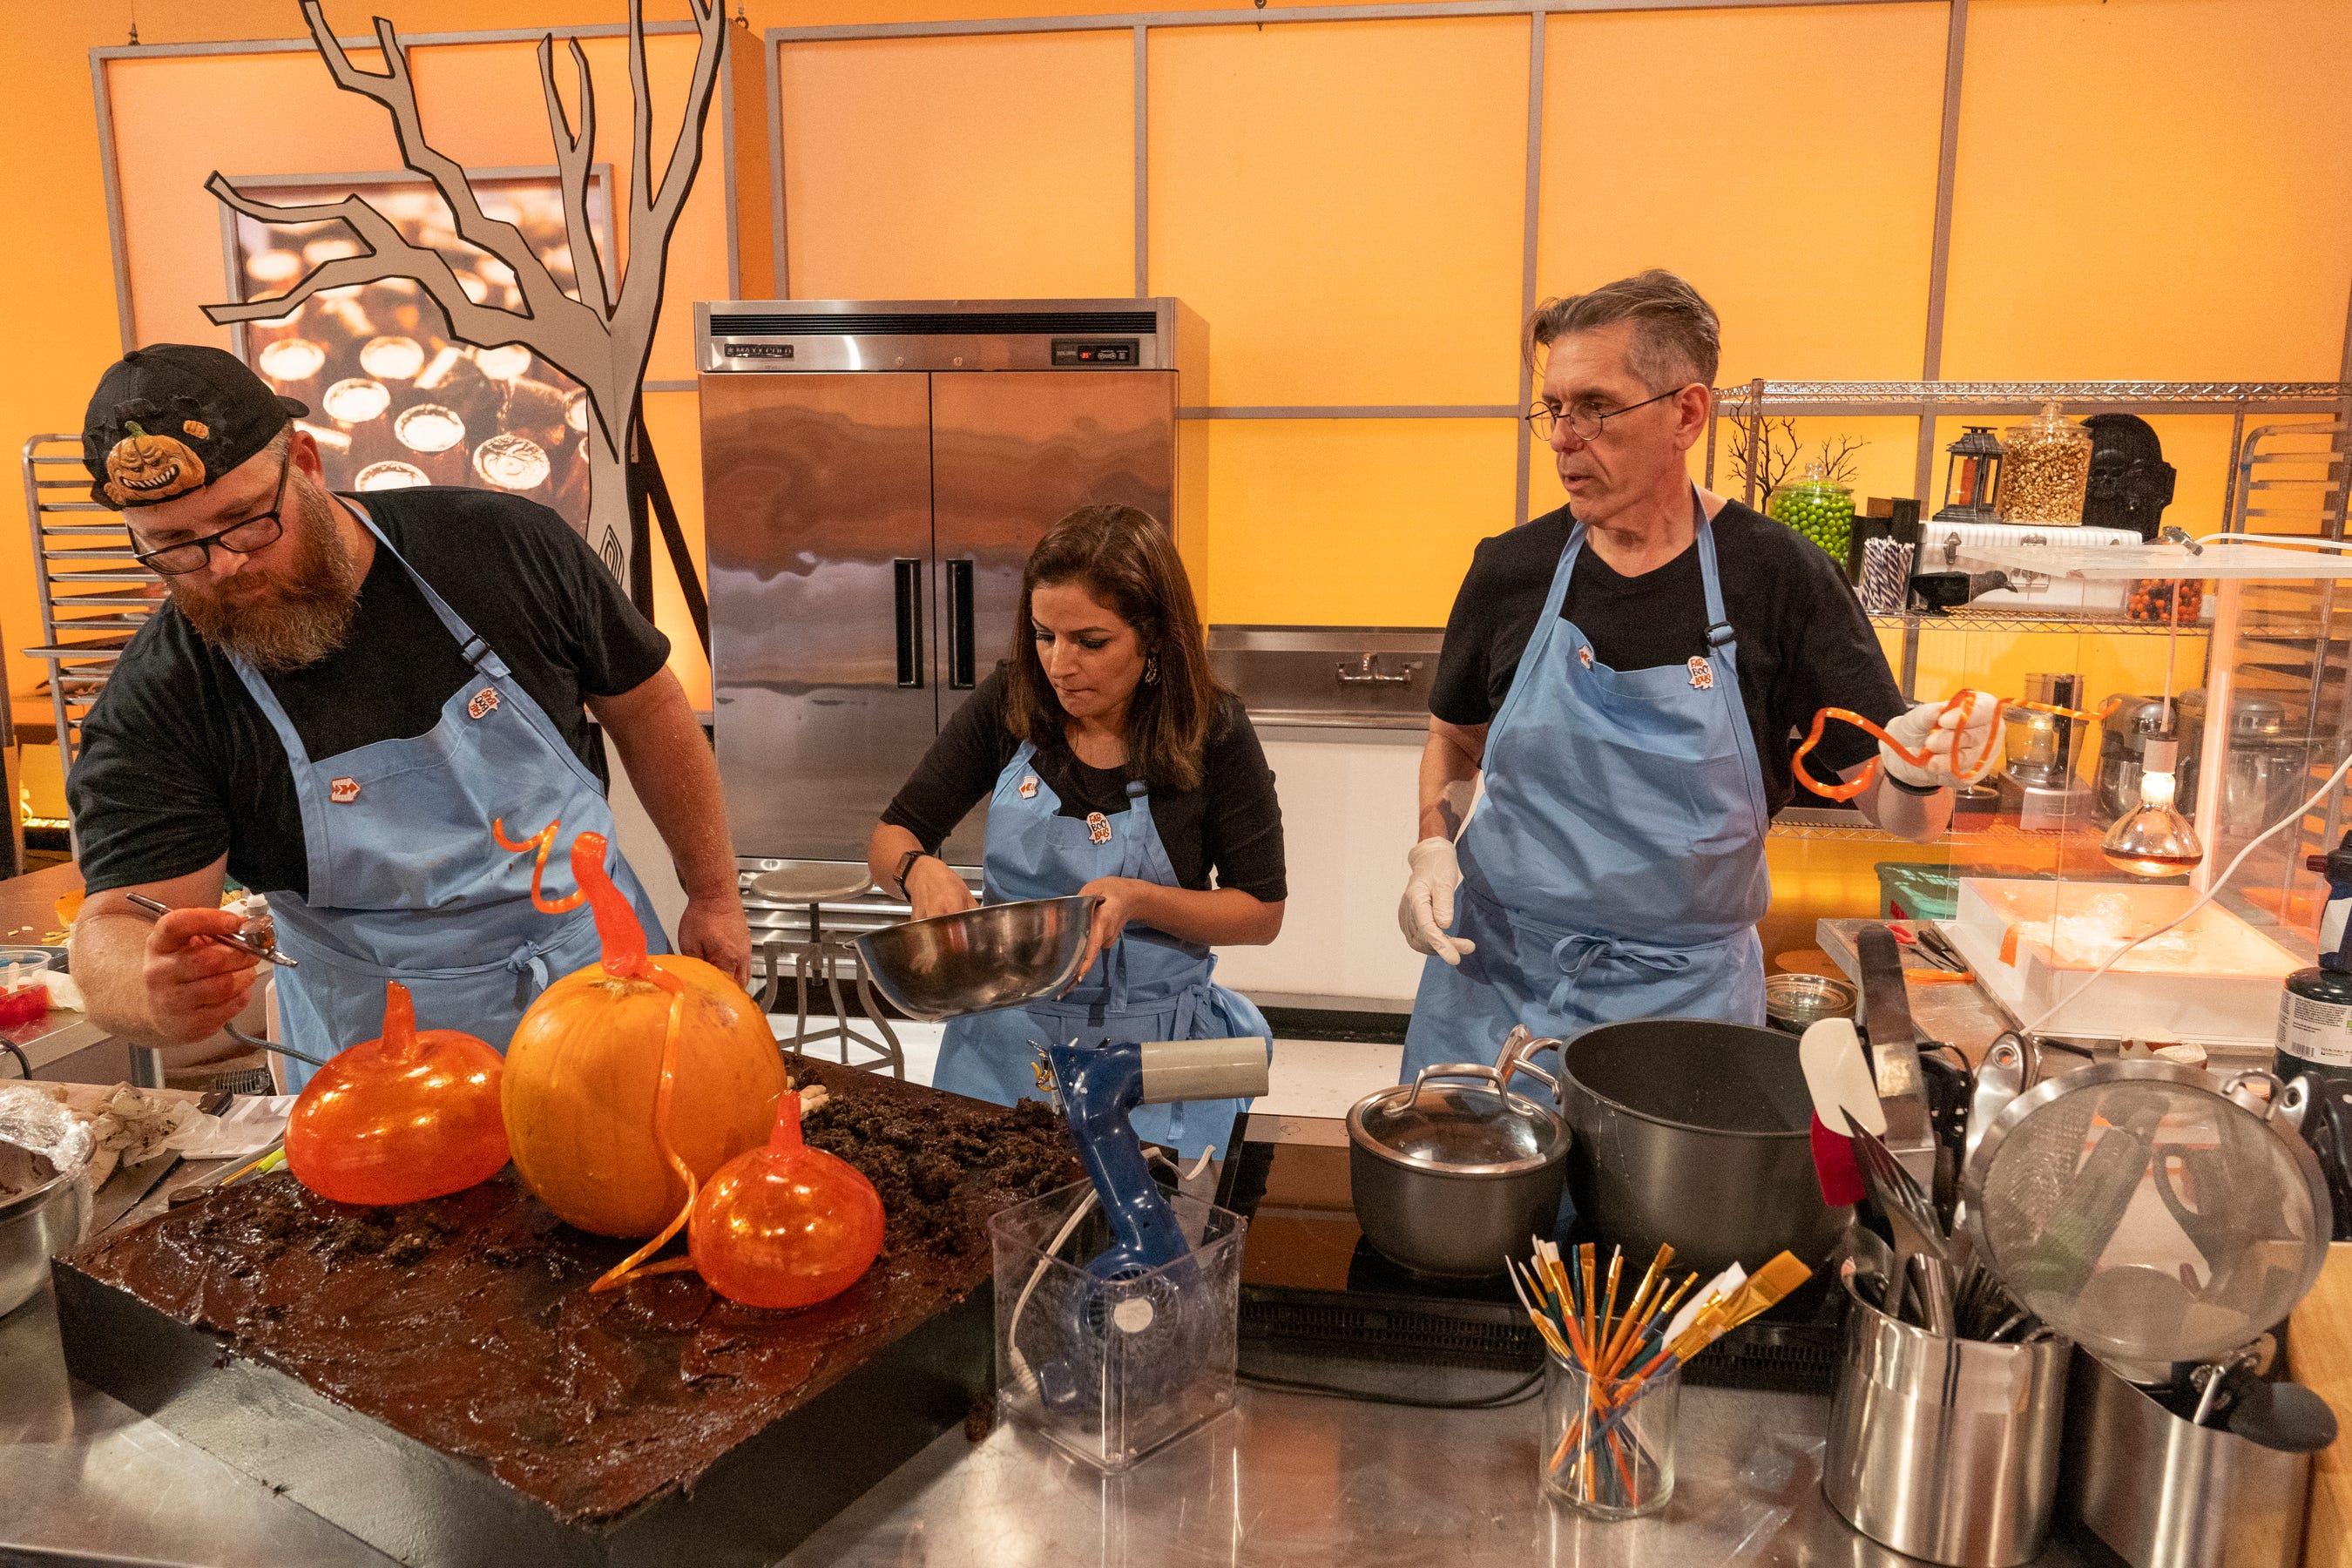 Halloween Wars 2020 Outbreak Daniel Miller contestant on Food Network's Halloween Wars